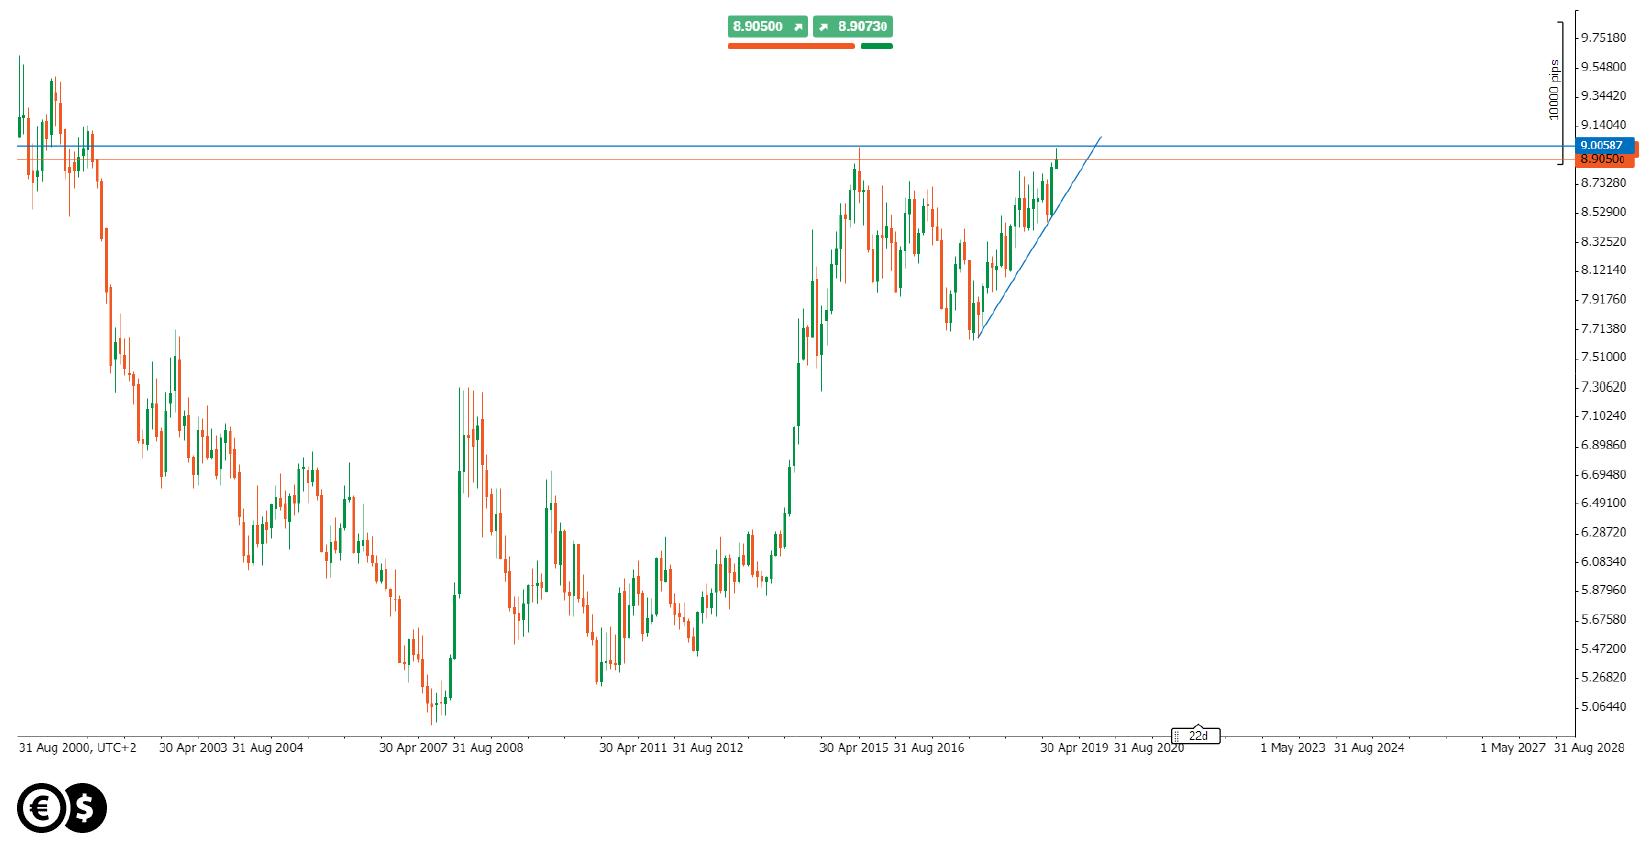 Wykres miesięczny USD/NOK